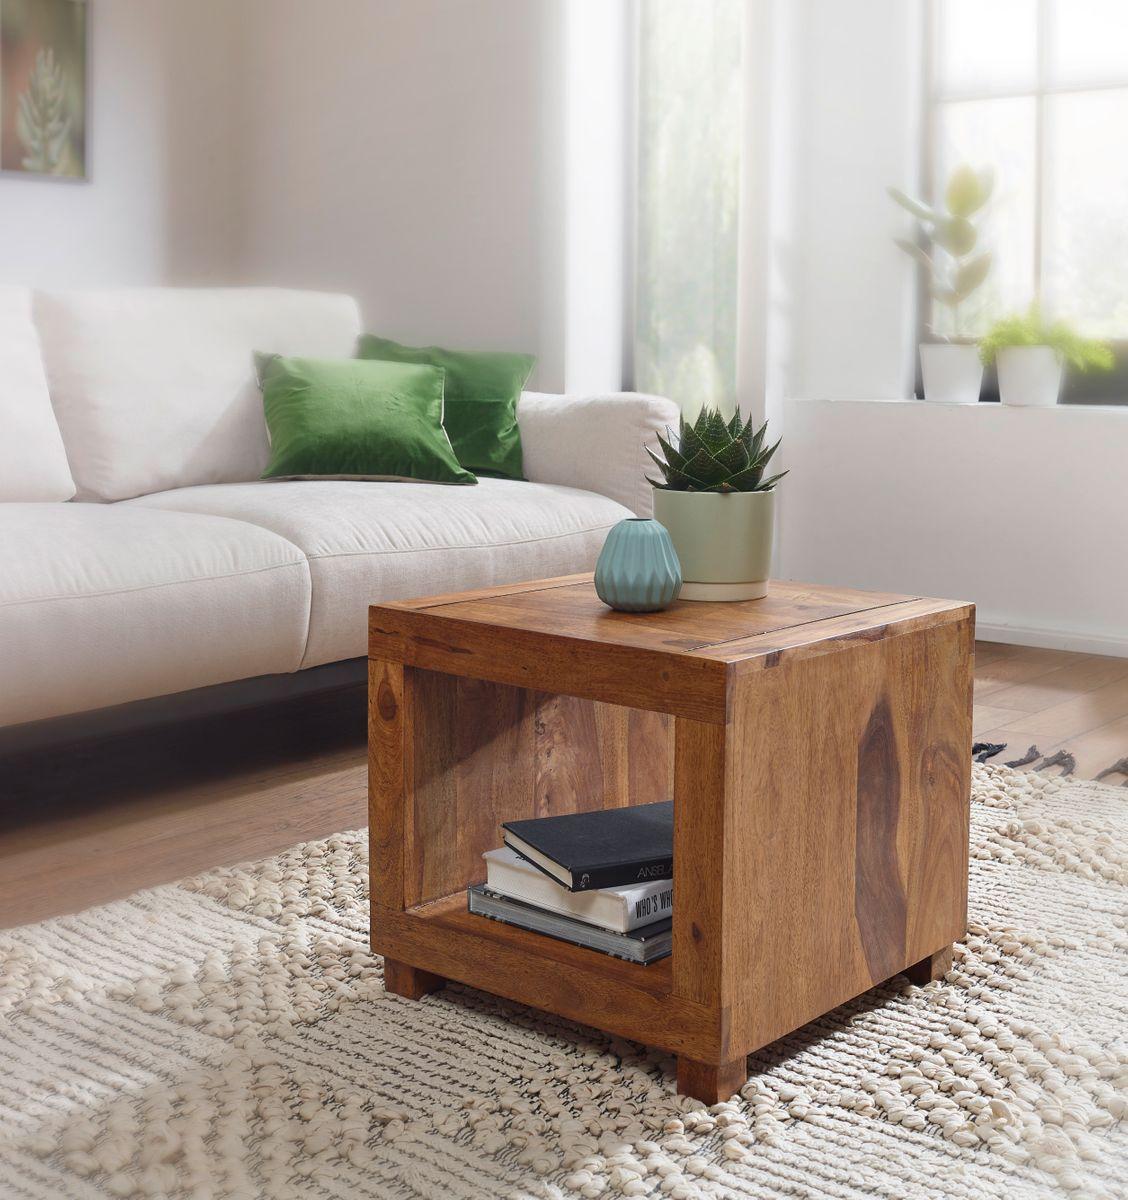 wohnling couchtisch mumbai massiv holz sheesham 50 cm breit wohnzimmer tisch design dunkel braun. Black Bedroom Furniture Sets. Home Design Ideas